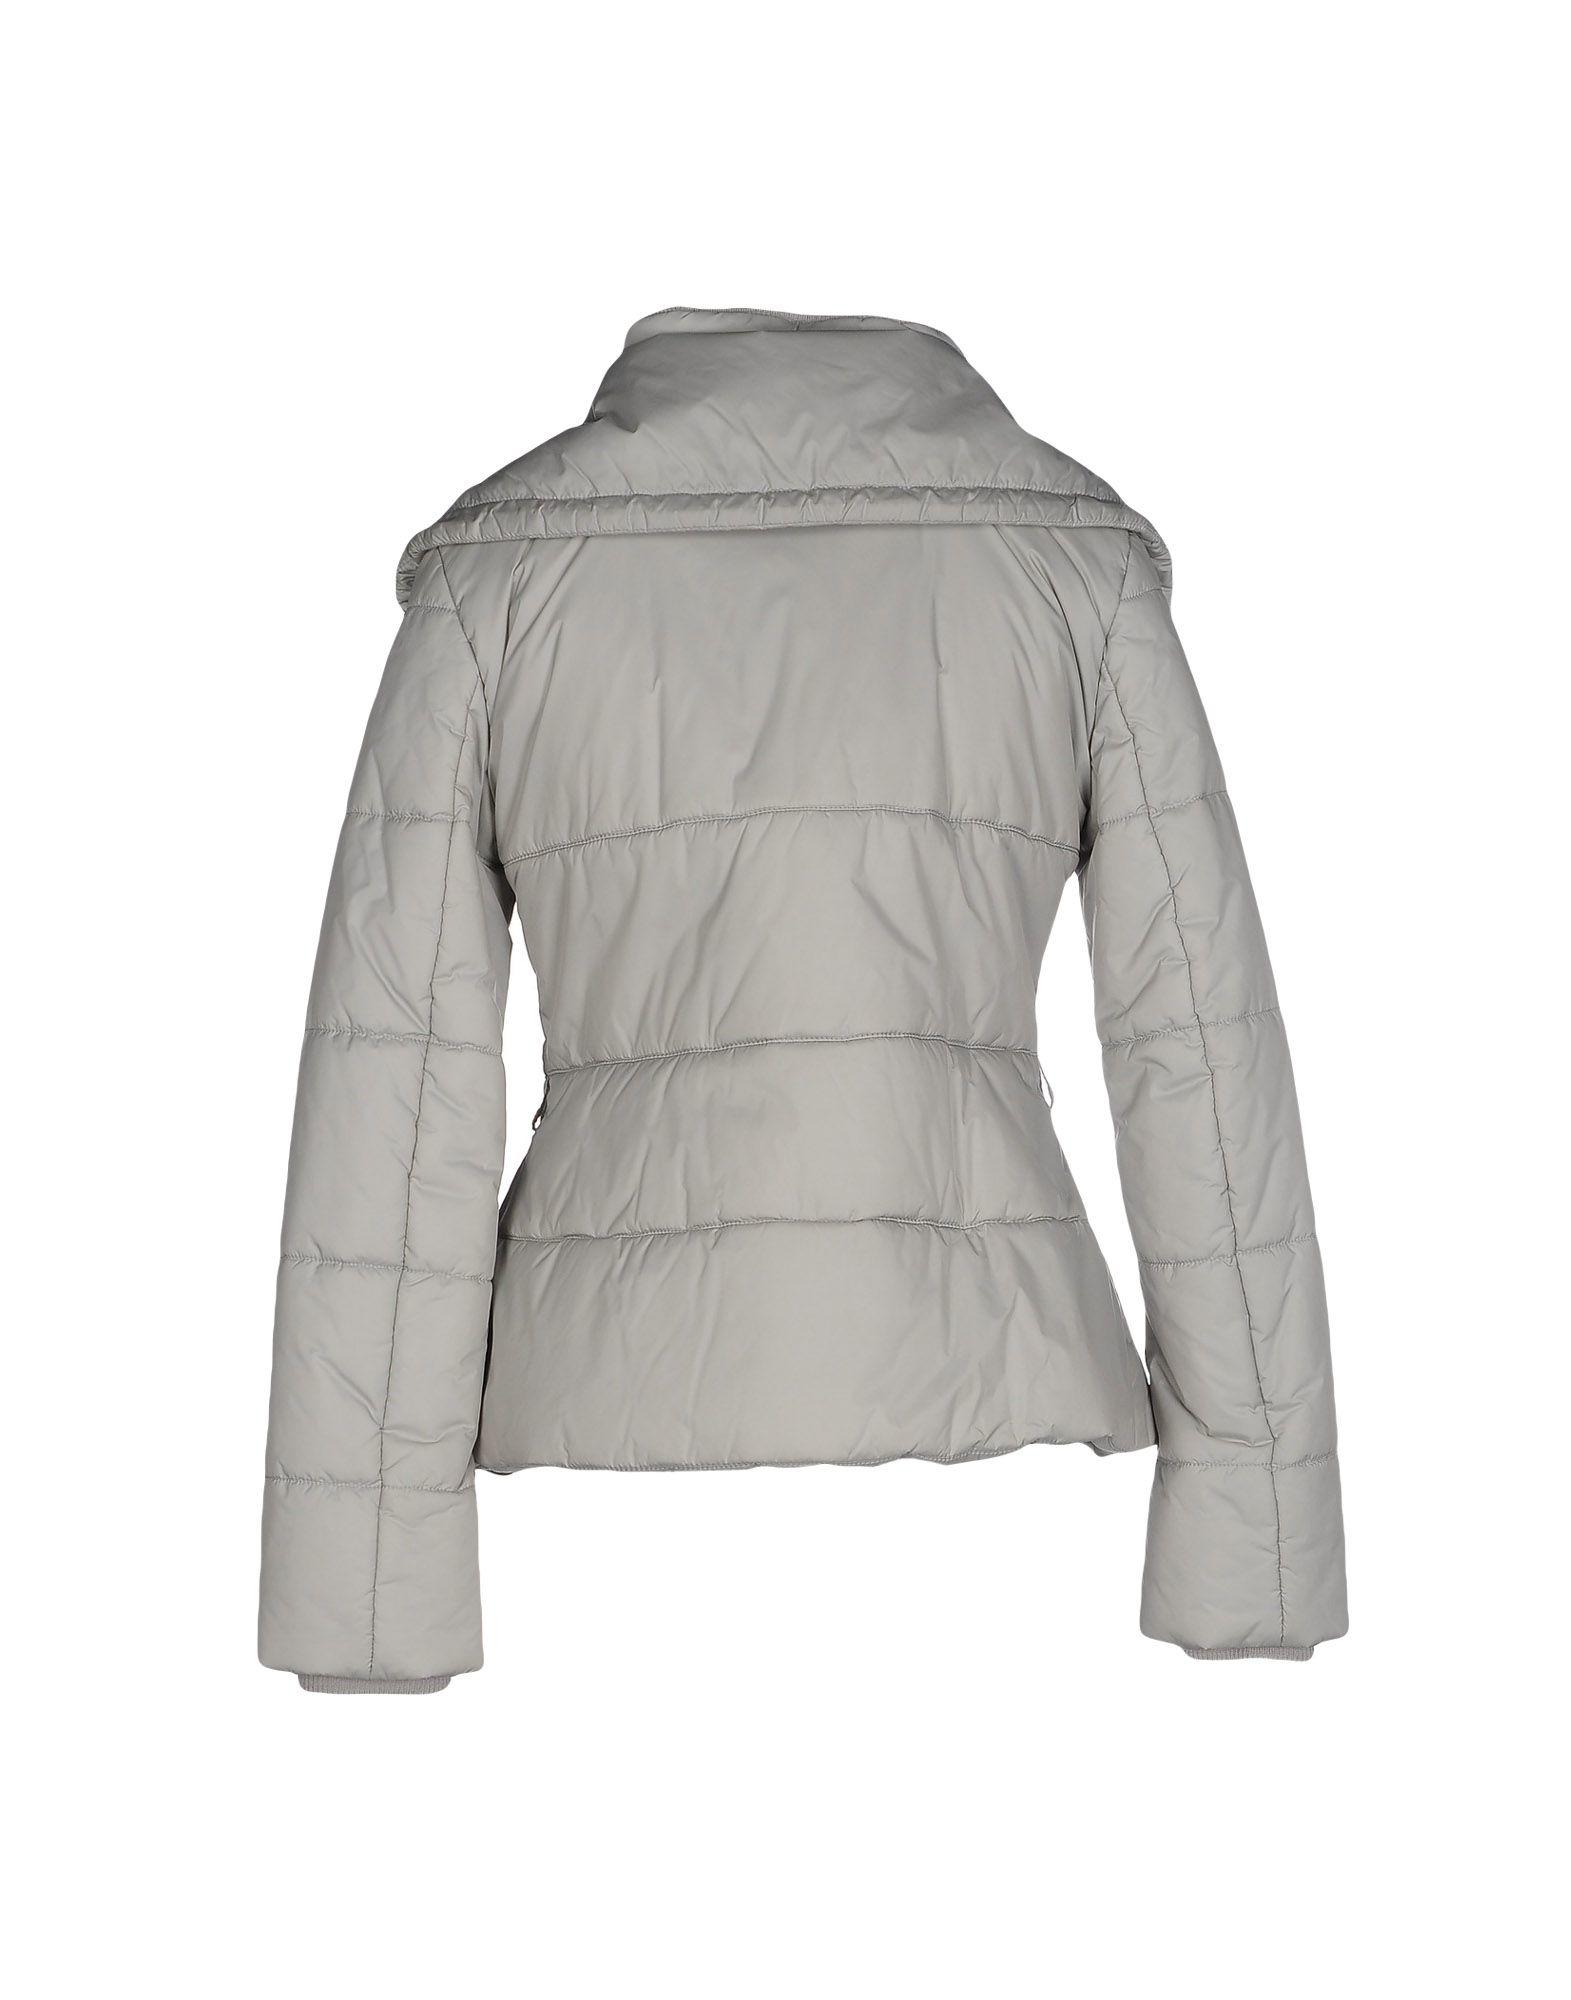 harmont and blaine jacket - photo #27